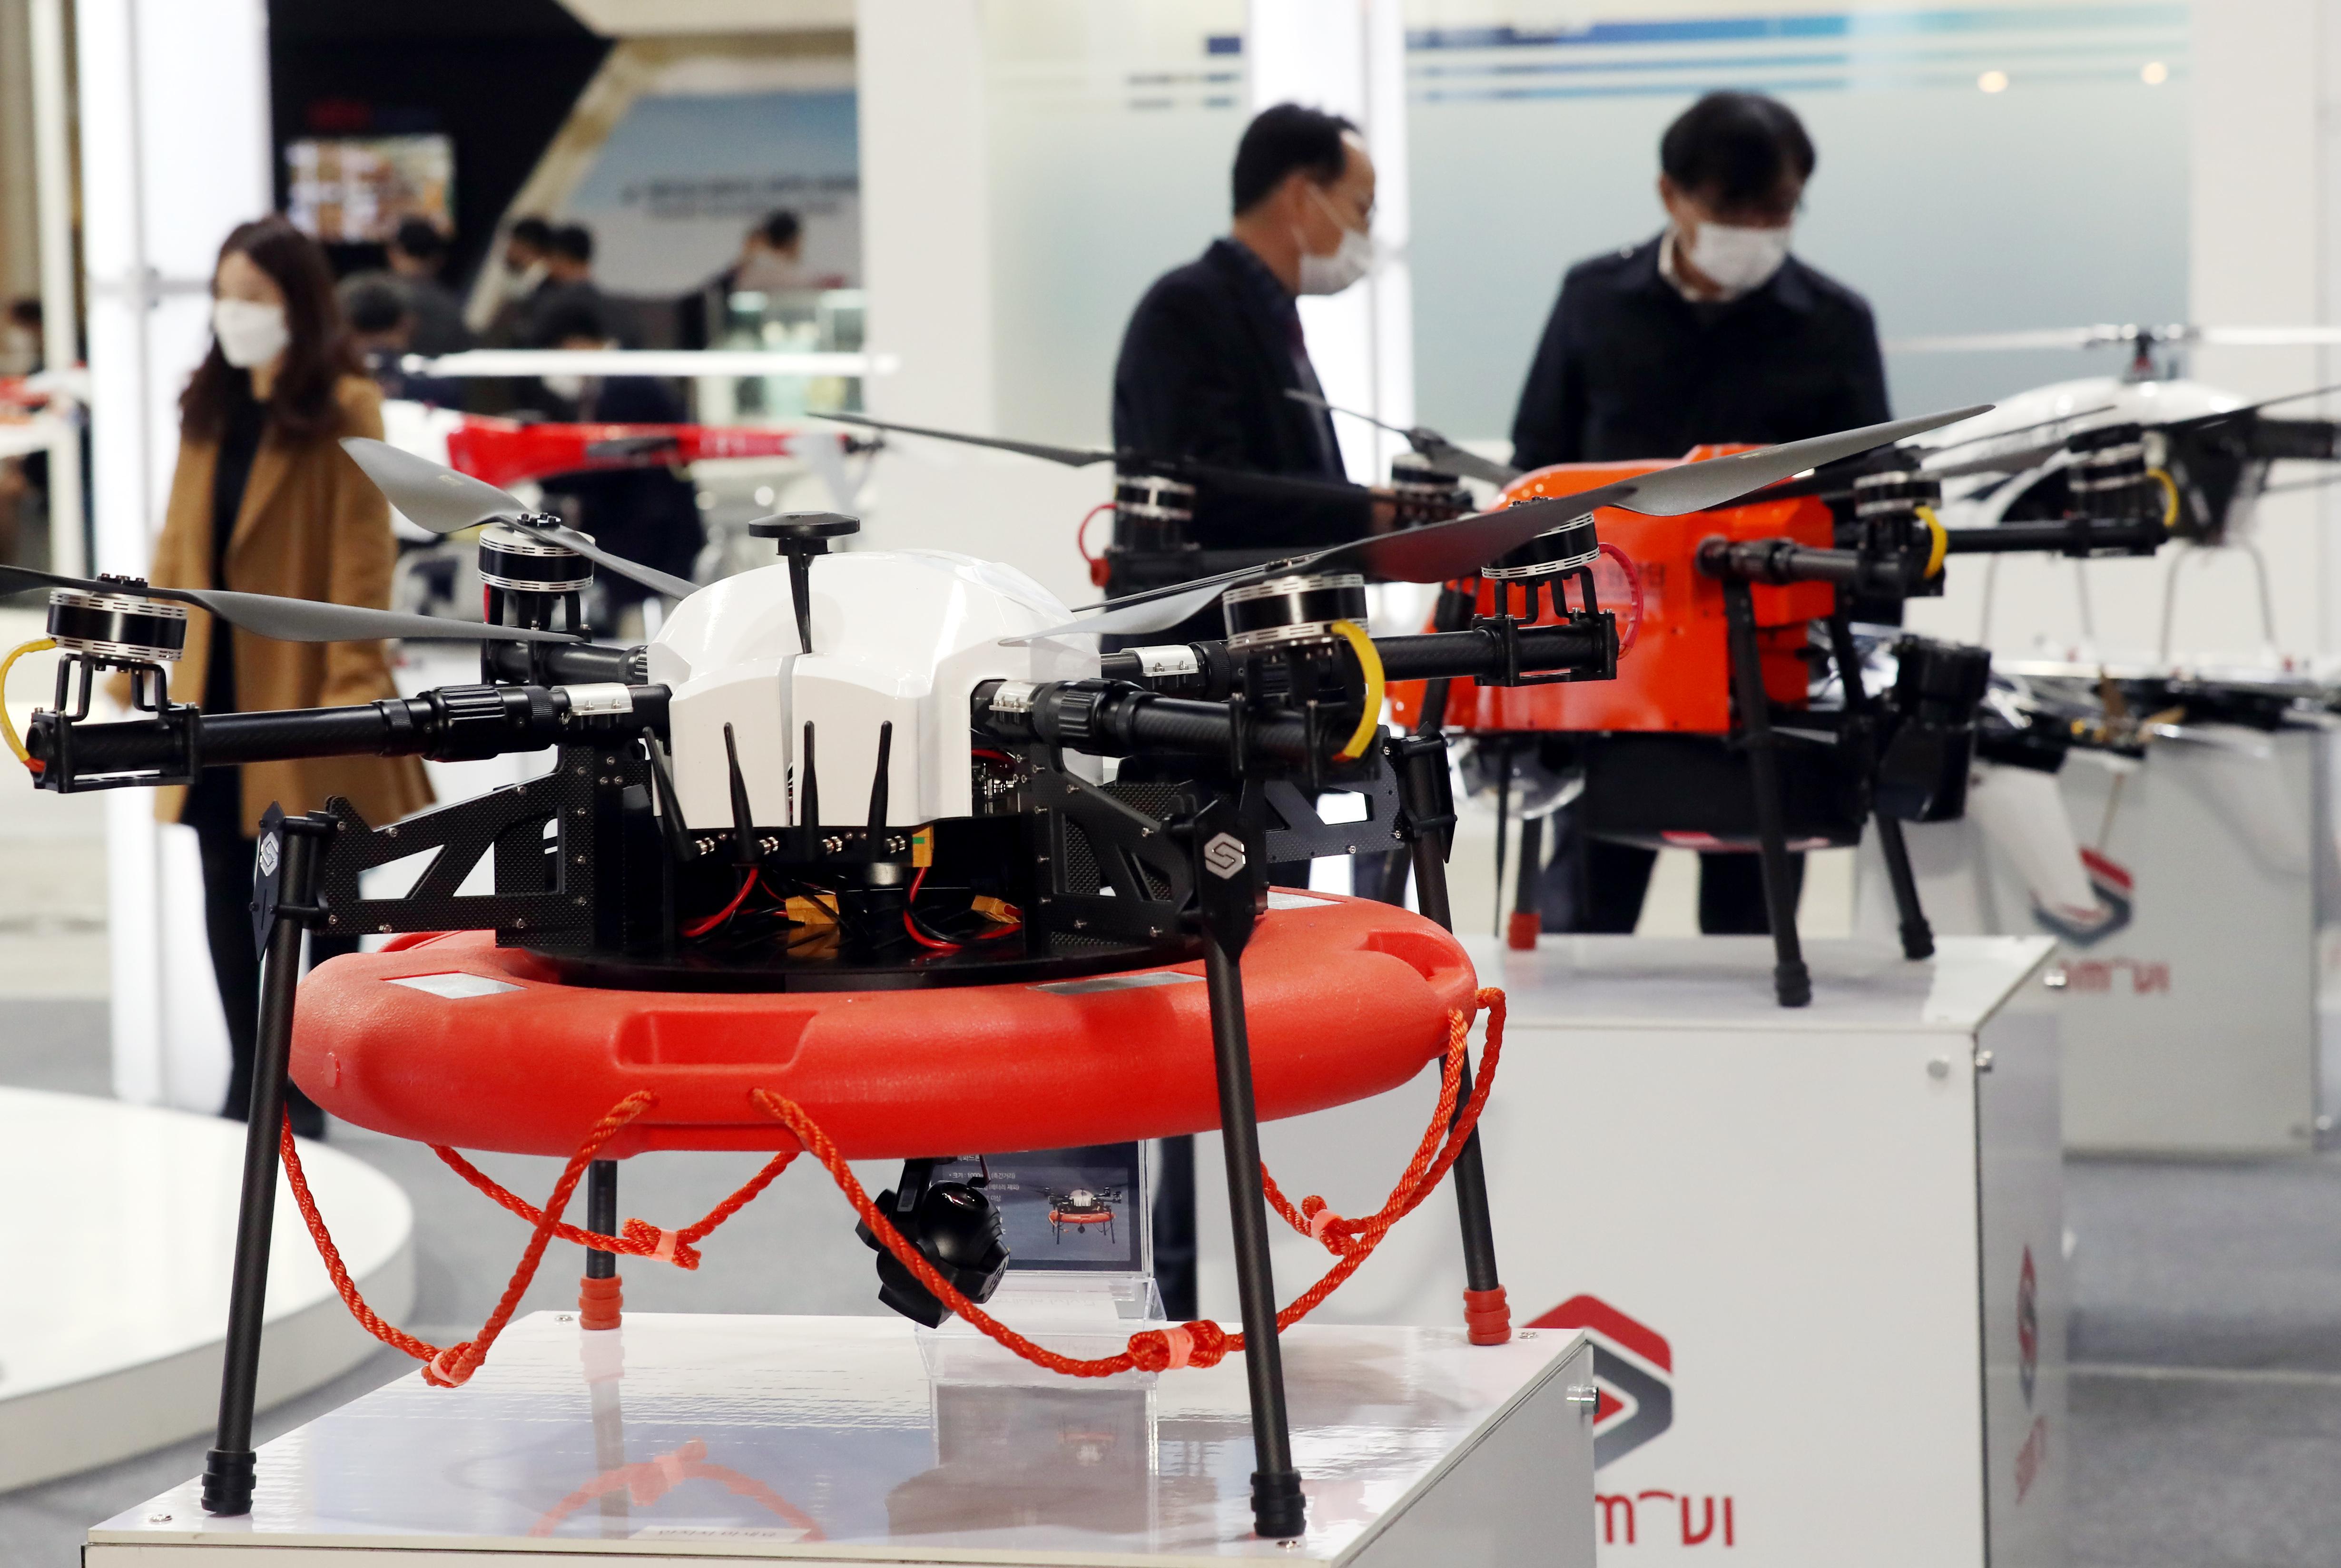 韩国经济谋转型 力推机器人无人机产业